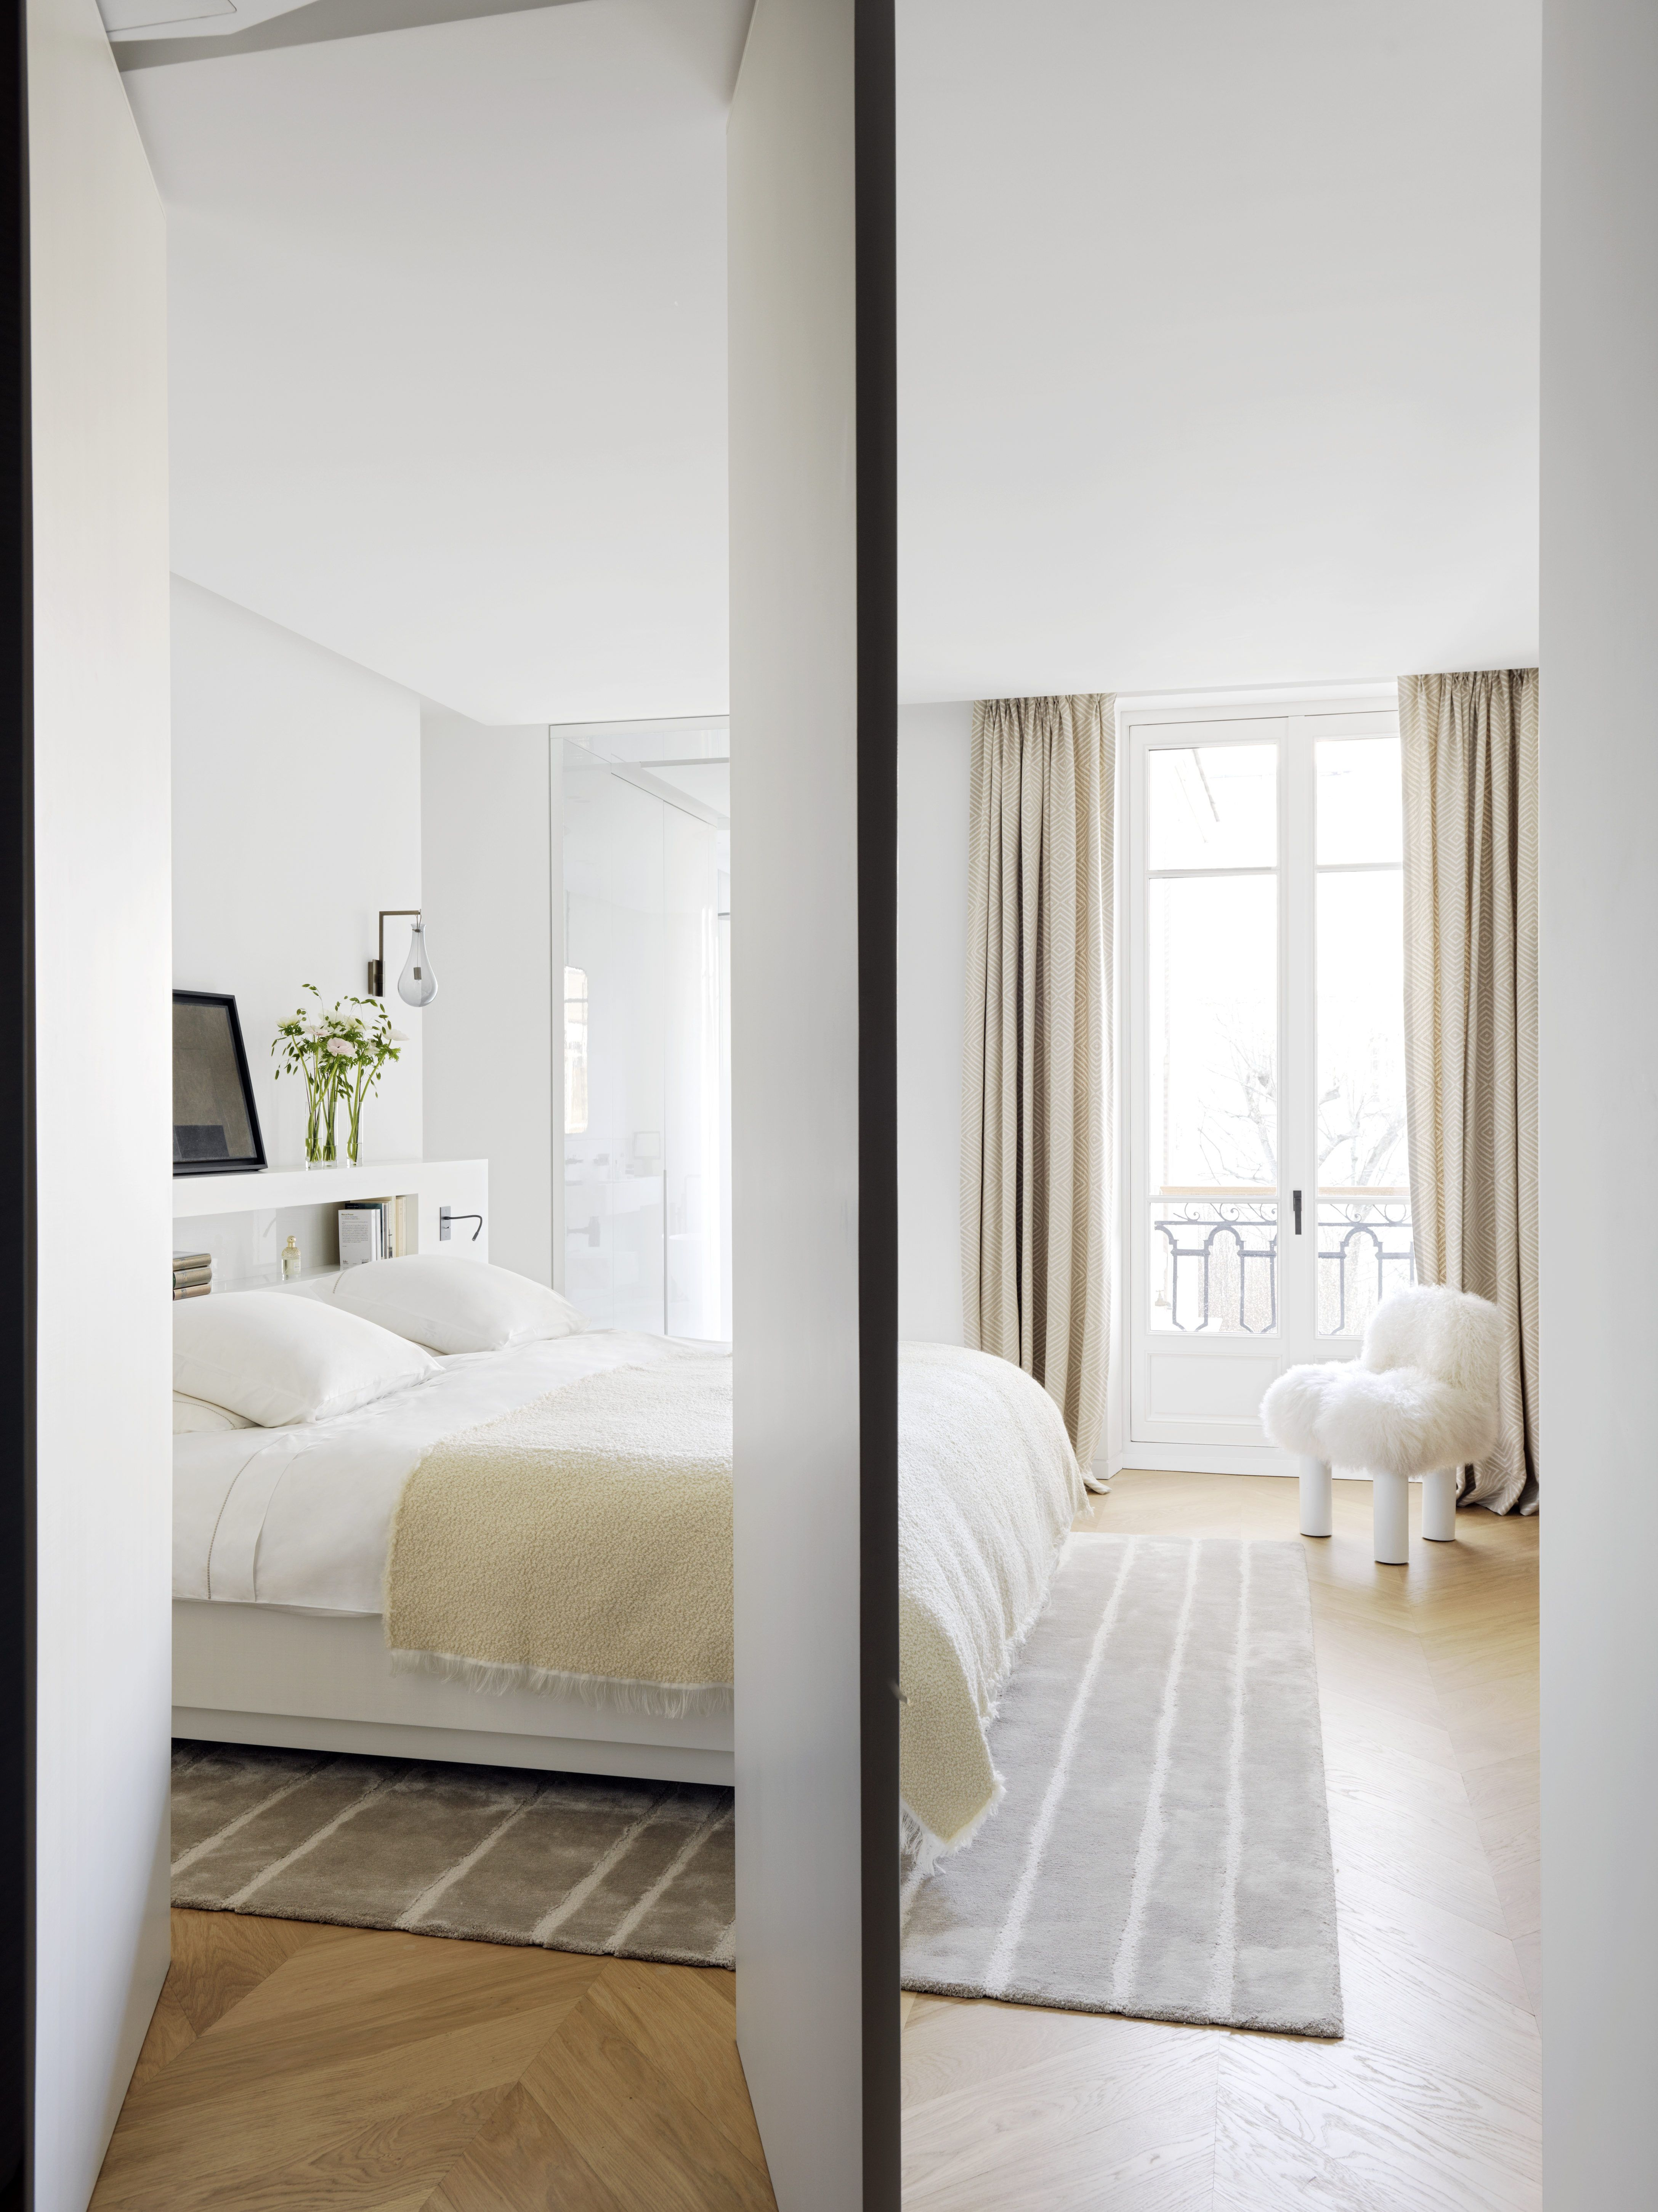 30 Best Minimalist Bedroom Ideas 2020 Bedroom Minimalism Decor